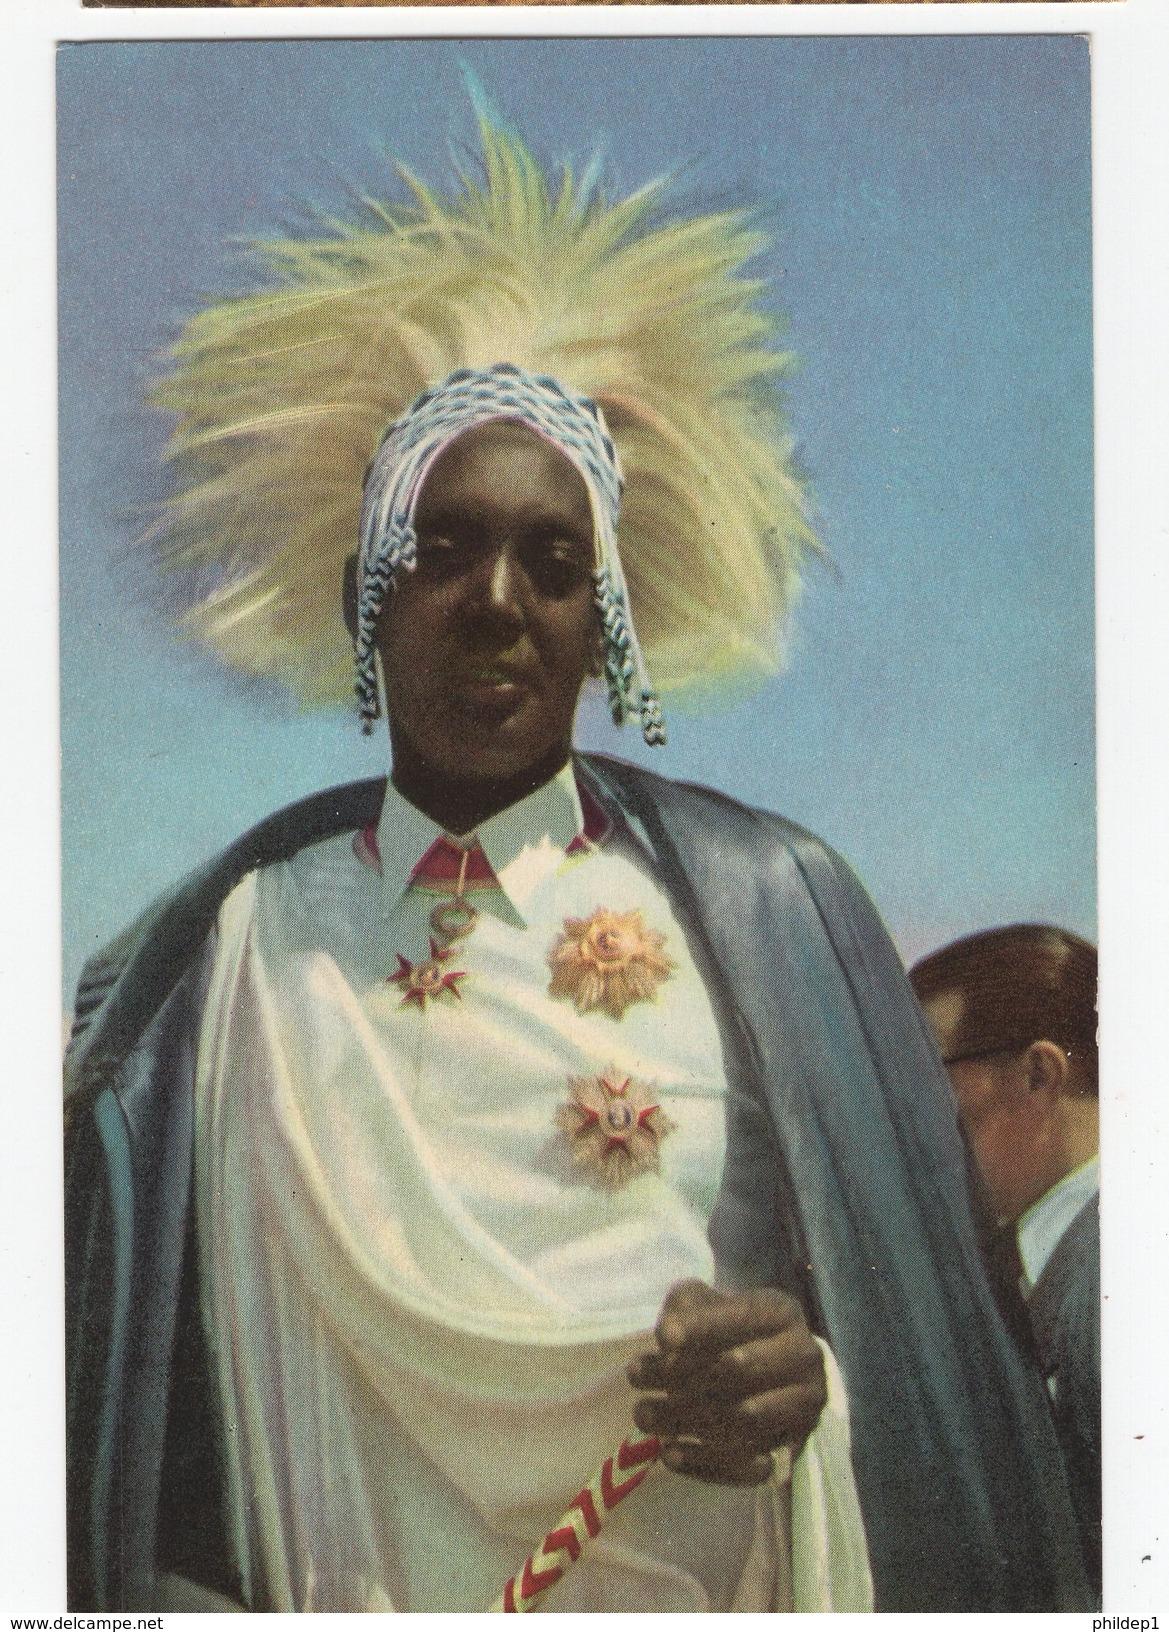 Carte Postale Illustrée Du Congo. Voyage Du Roi éte 1955. Collection Côte D'Or. Carte 4 - Brazzaville